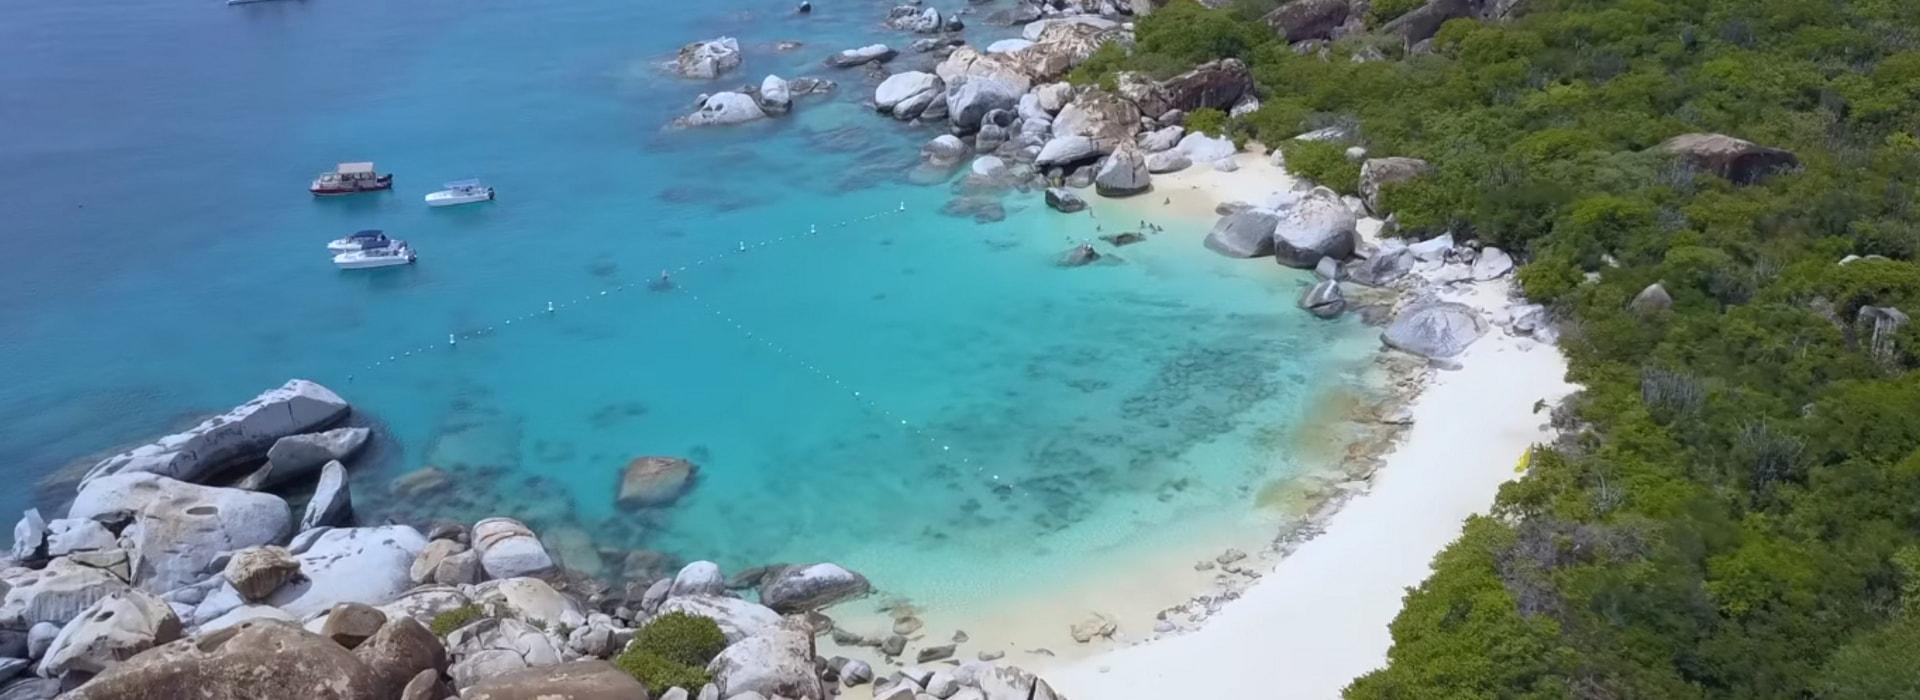 Britské Panenské ostrovy